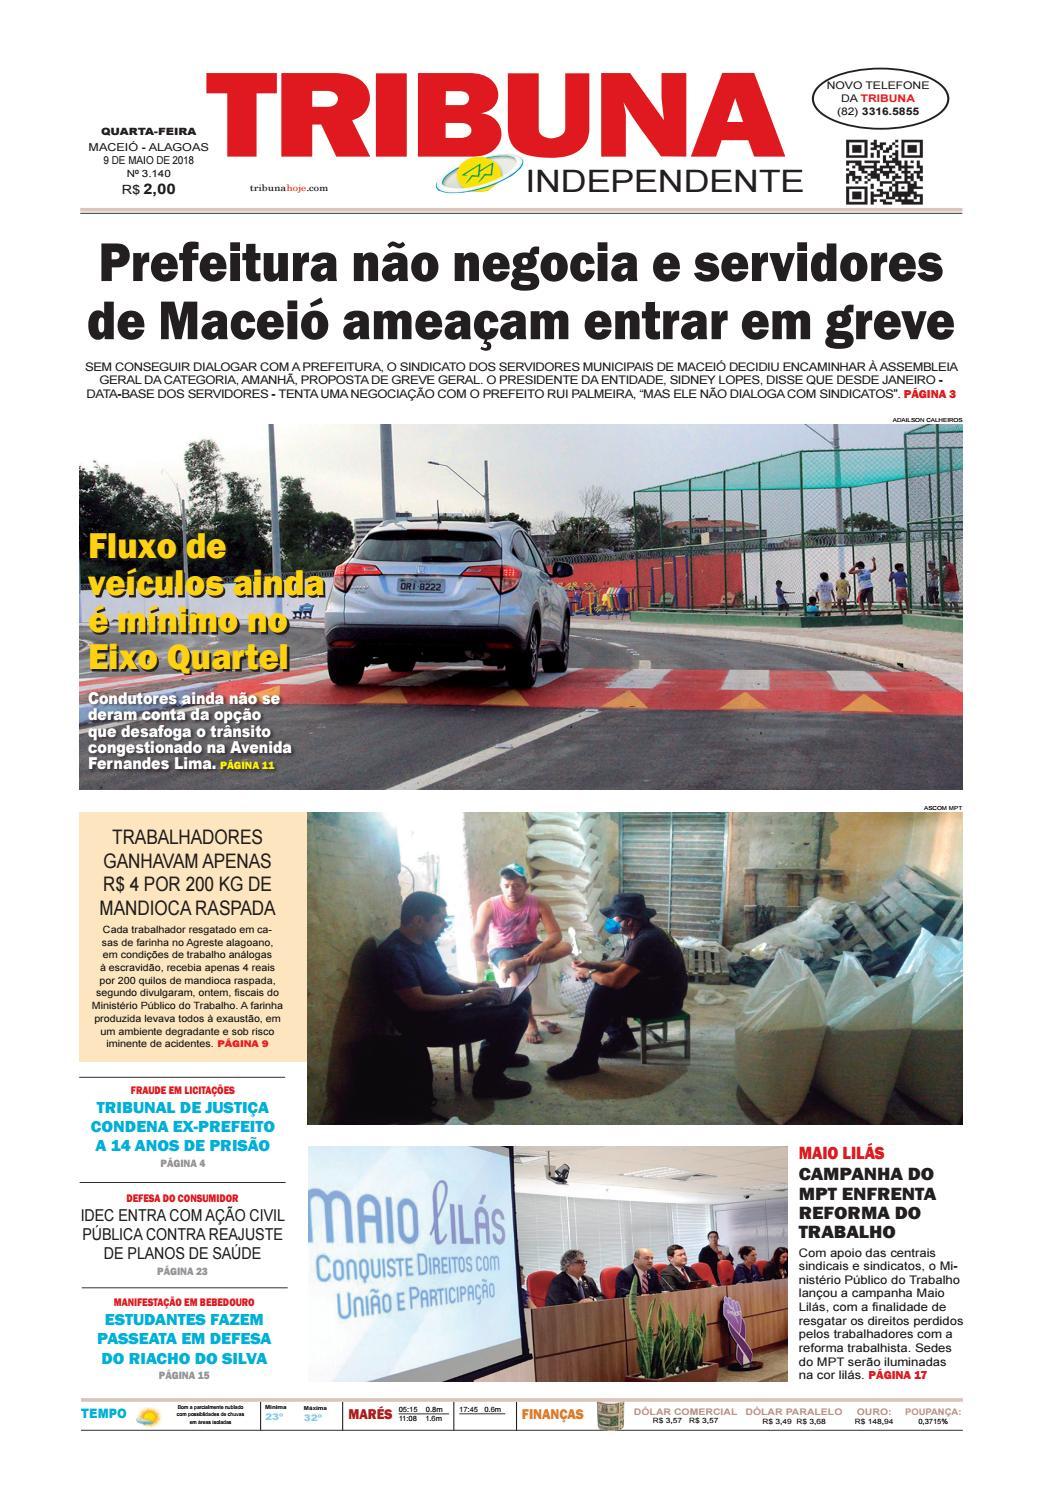 034a9fc98338c Edição número 3140 - 9 de maio de 2018 by Tribuna Hoje - issuu